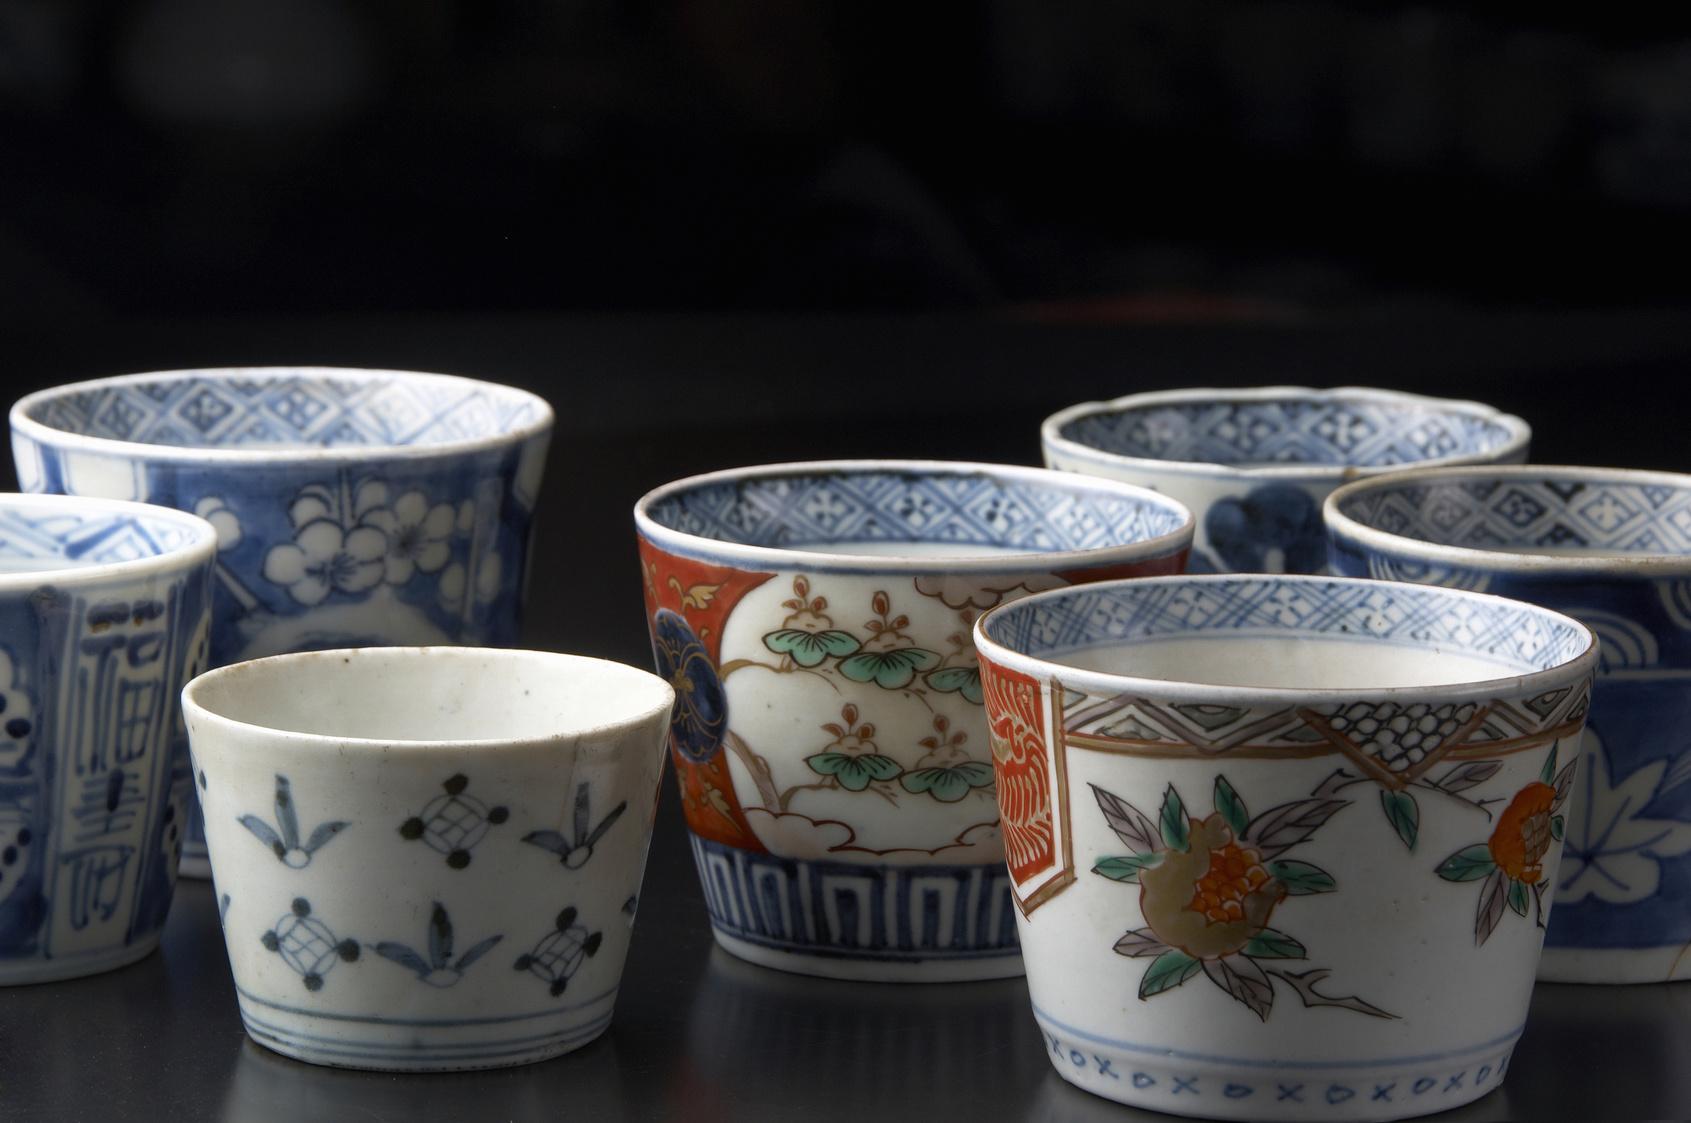 足利の陶磁美術館で伊萬里・鍋島焼を鑑賞